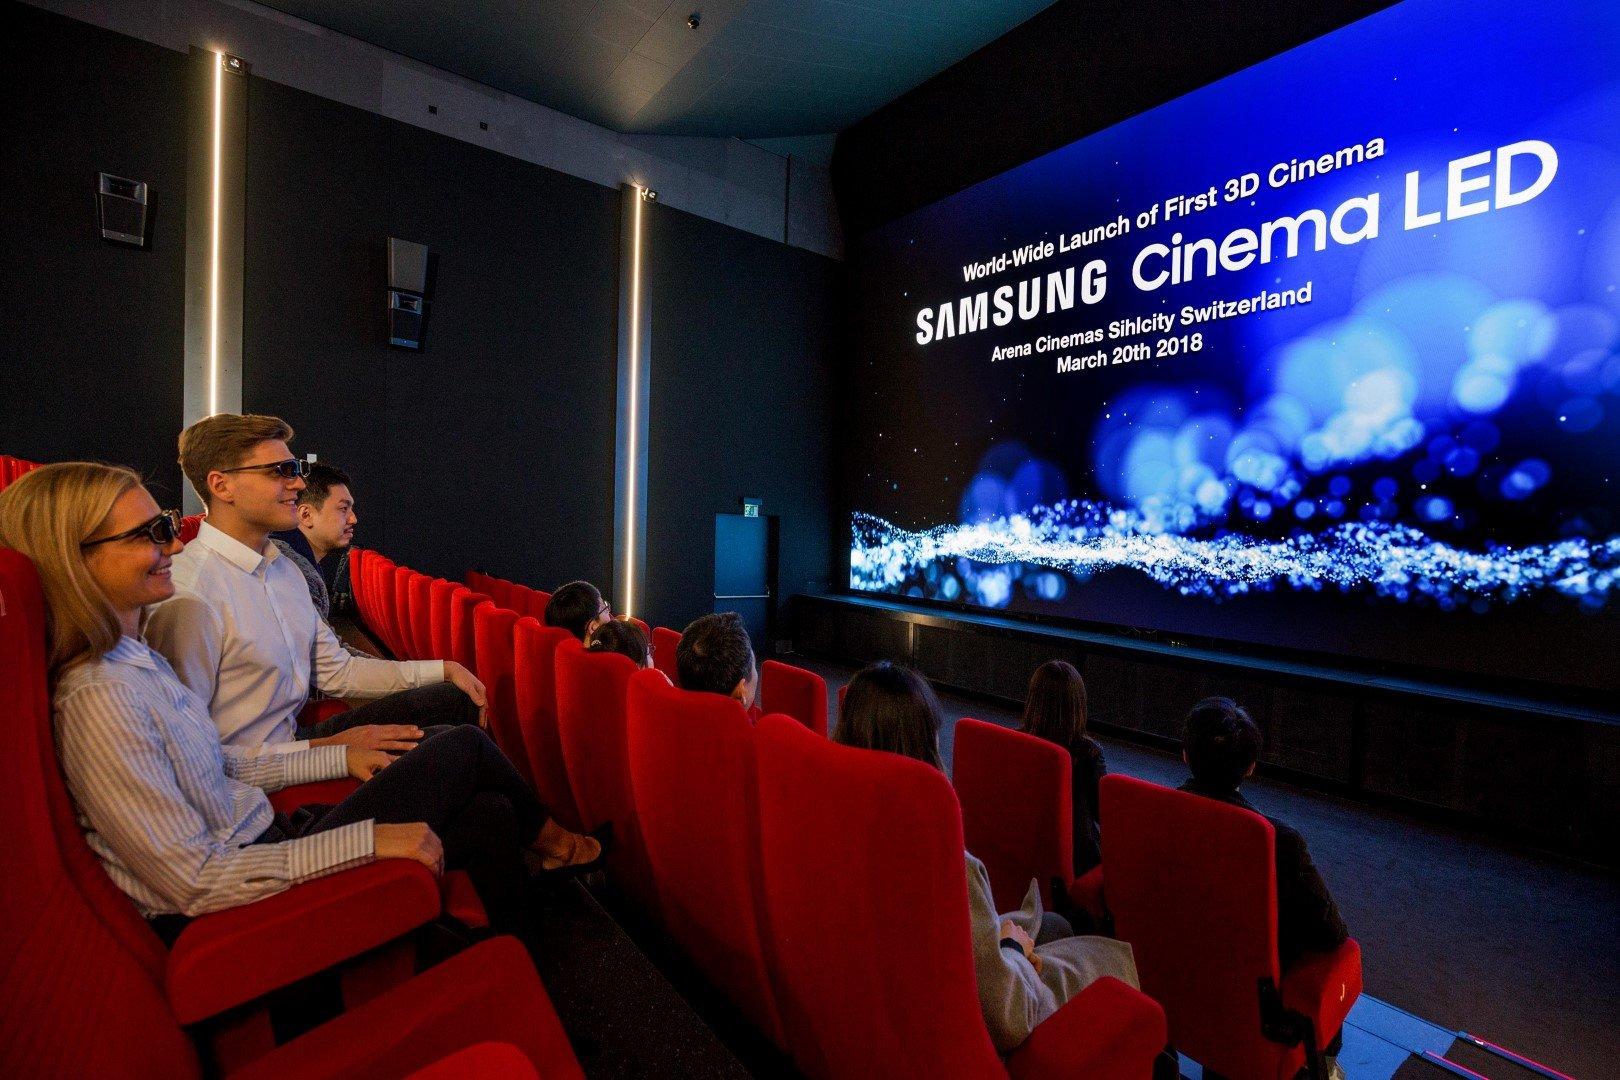 Samsung'dan Sinema Salonlarına Bir İlk Geliyor!